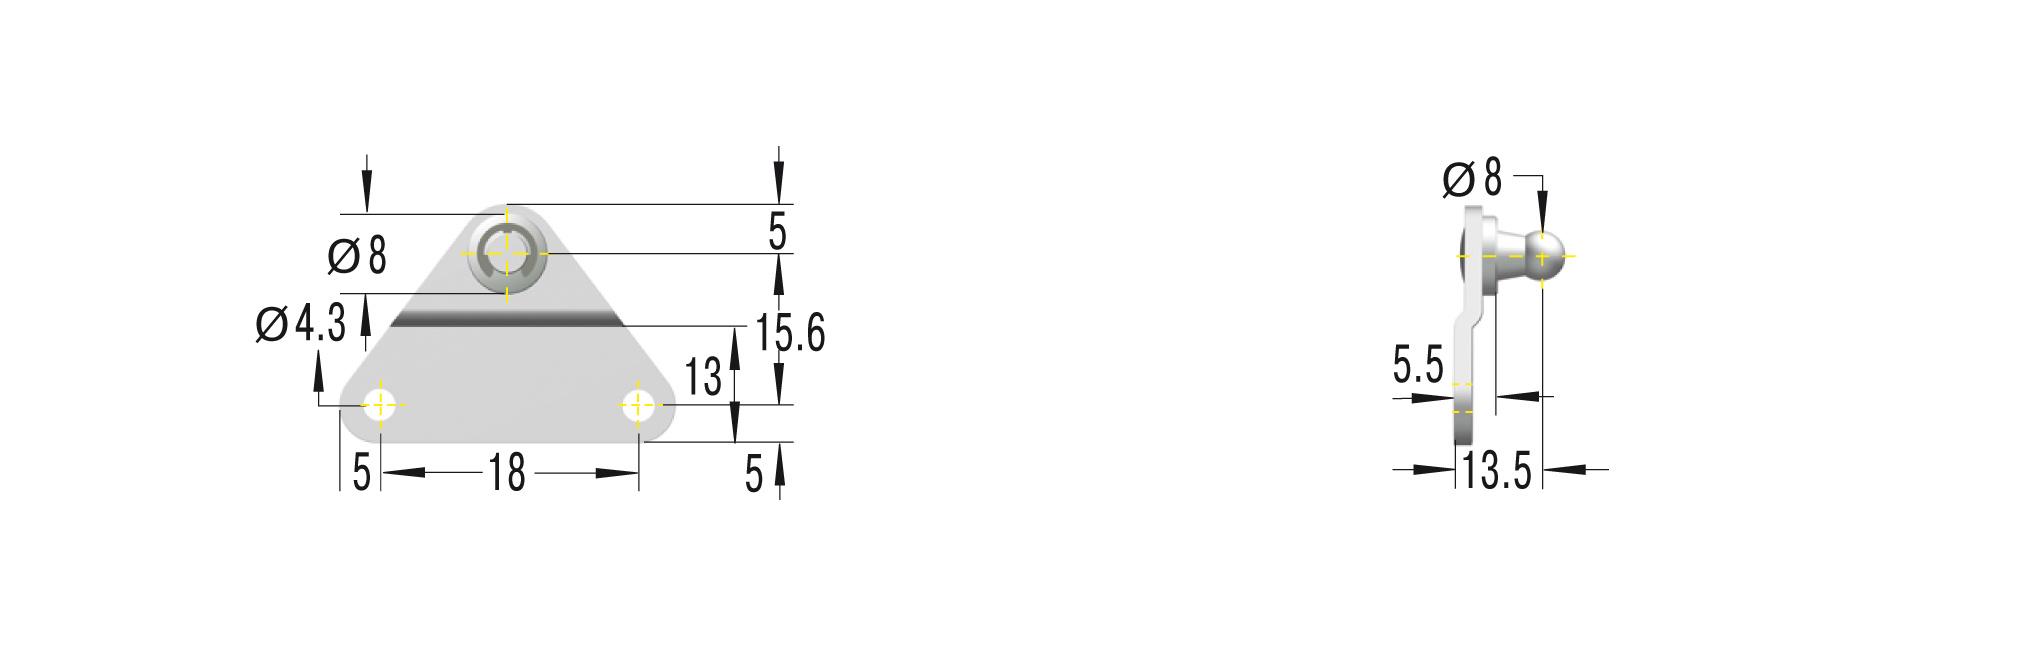 OG3.5-V4A